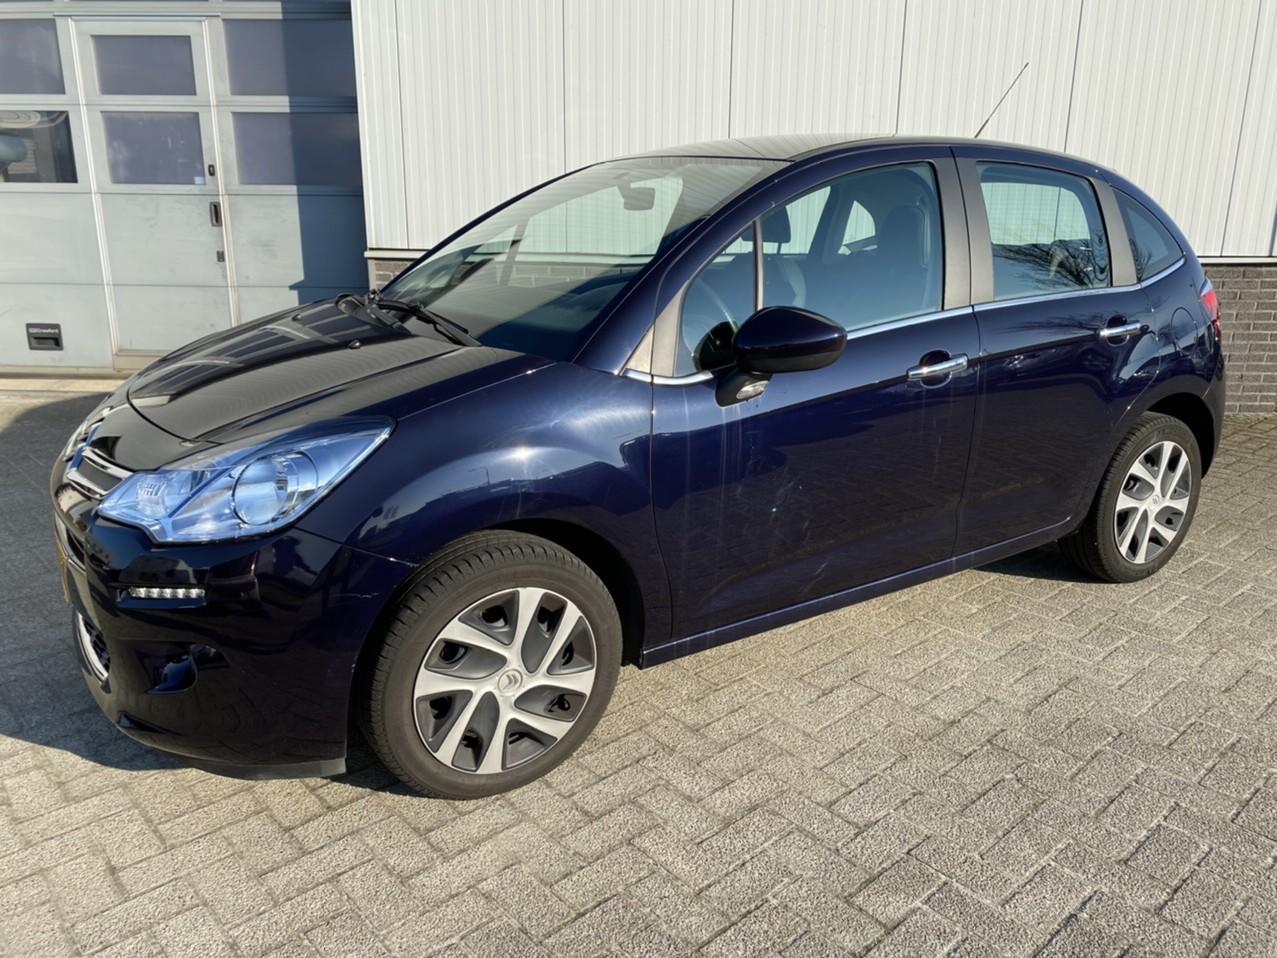 Citroën C3 1.2 puretech 82pk selection automaat navigatie rijklaar prijs